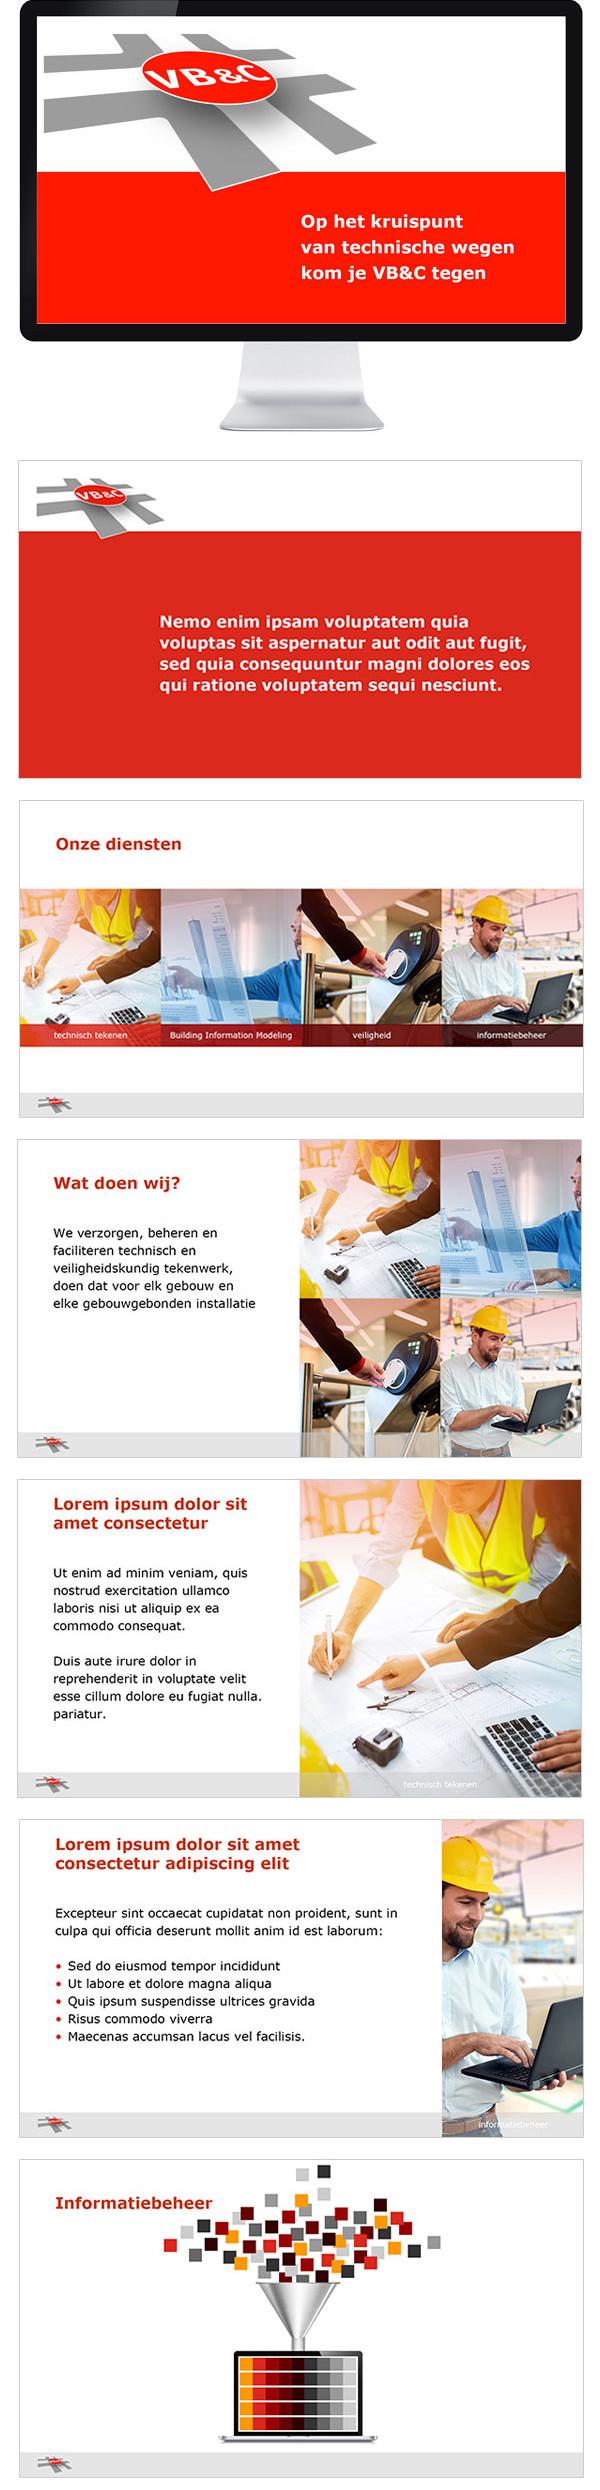 PowerPointpresentatie VB&C